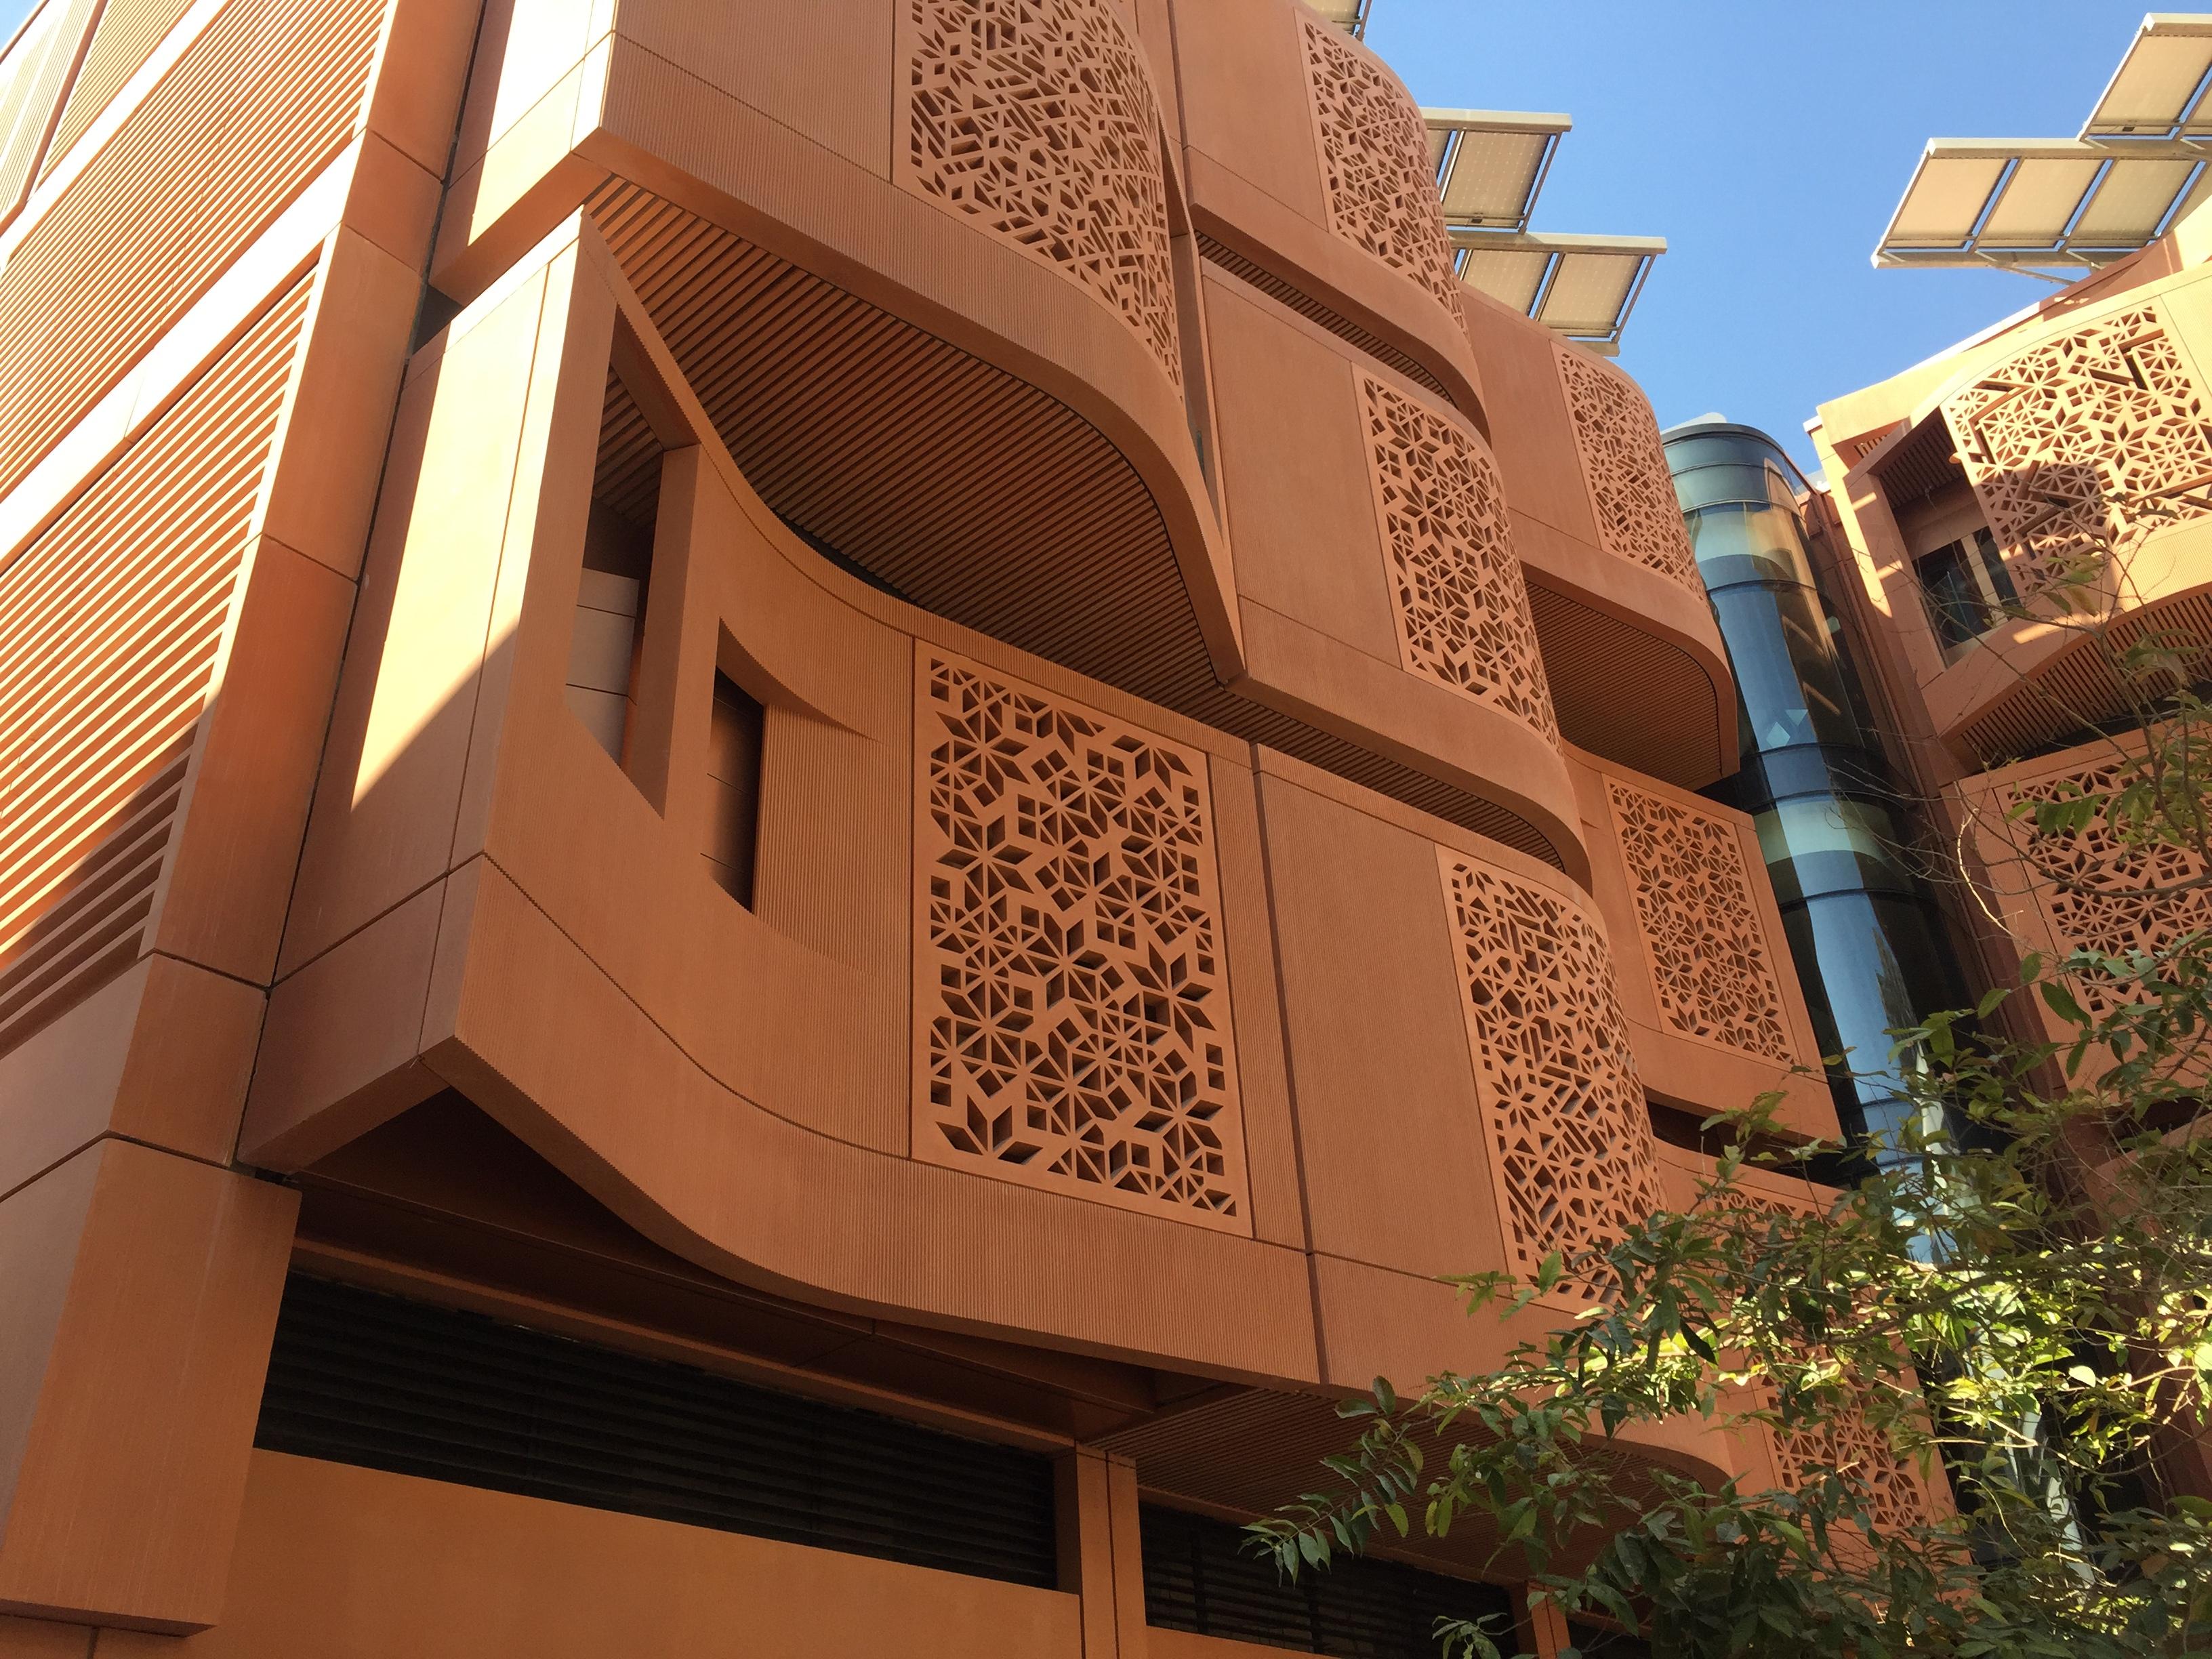 استخدامات الطاقة النظيفة في البناء والتصميم للمباني (2)